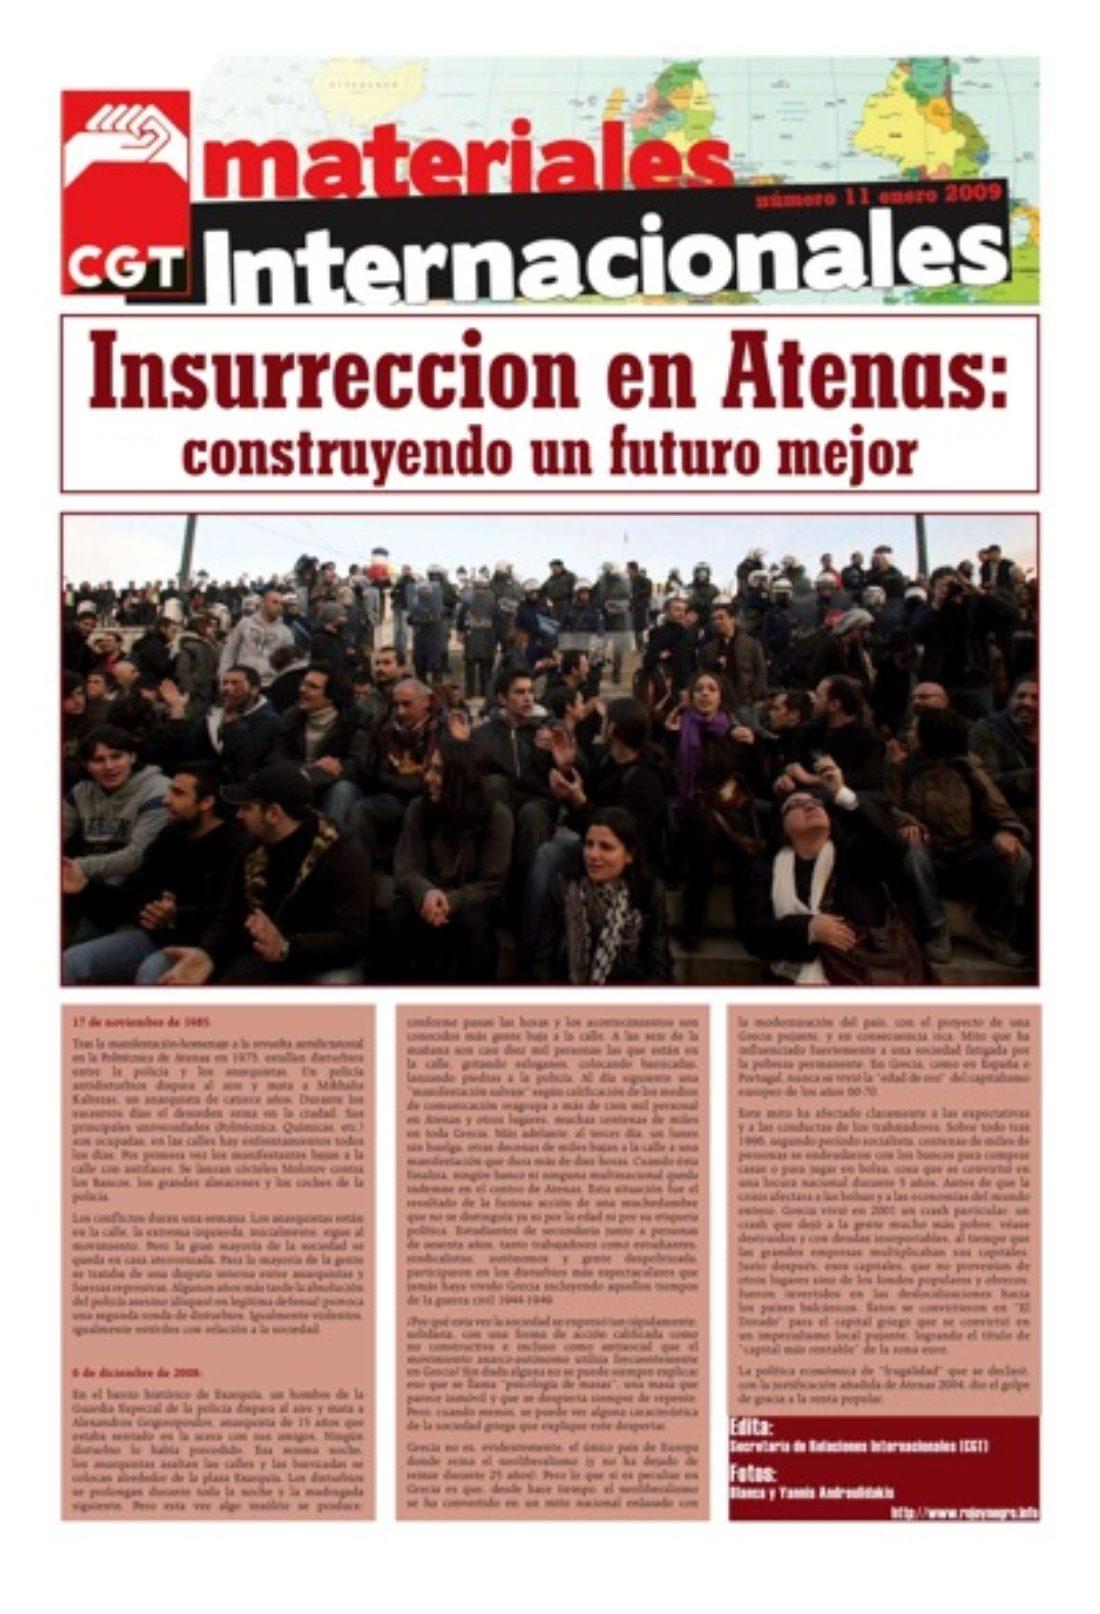 Materiales Internacionales 11: Insurrección en Atenas